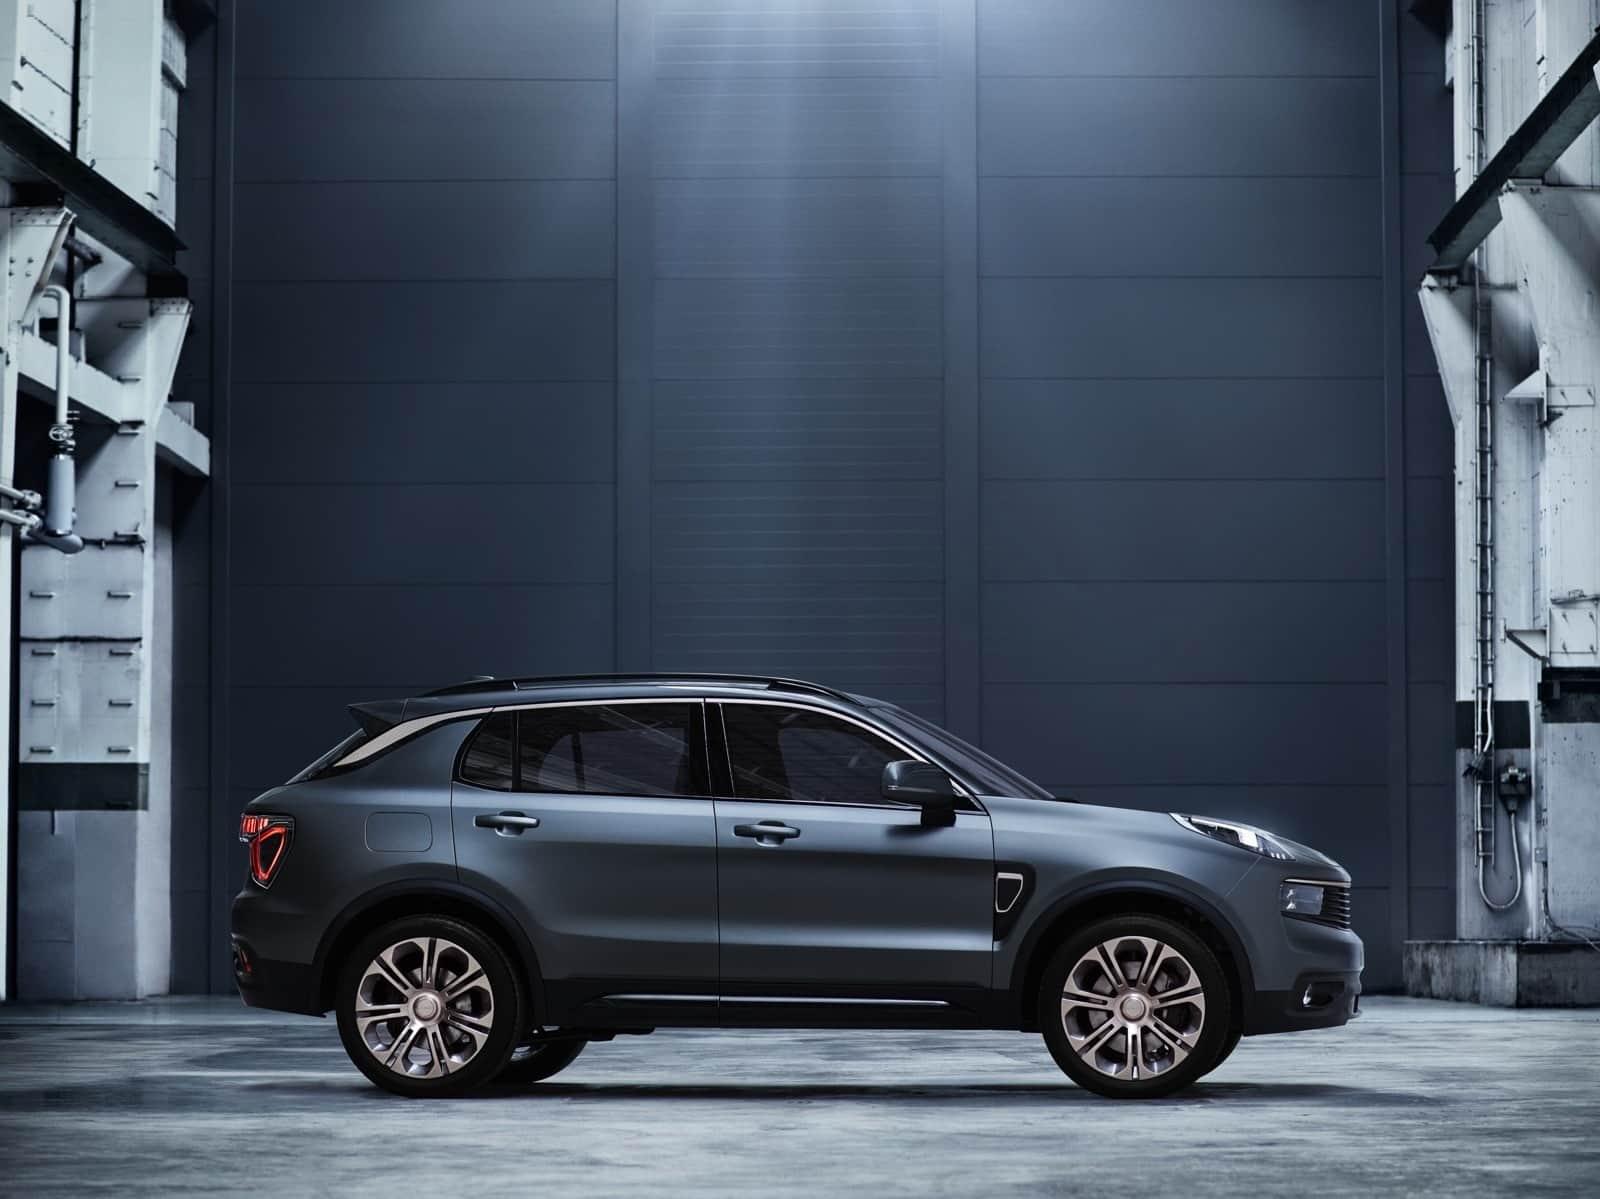 Geely : les compétences de Volvo pour les voitures électriques de Lynk & Co 2